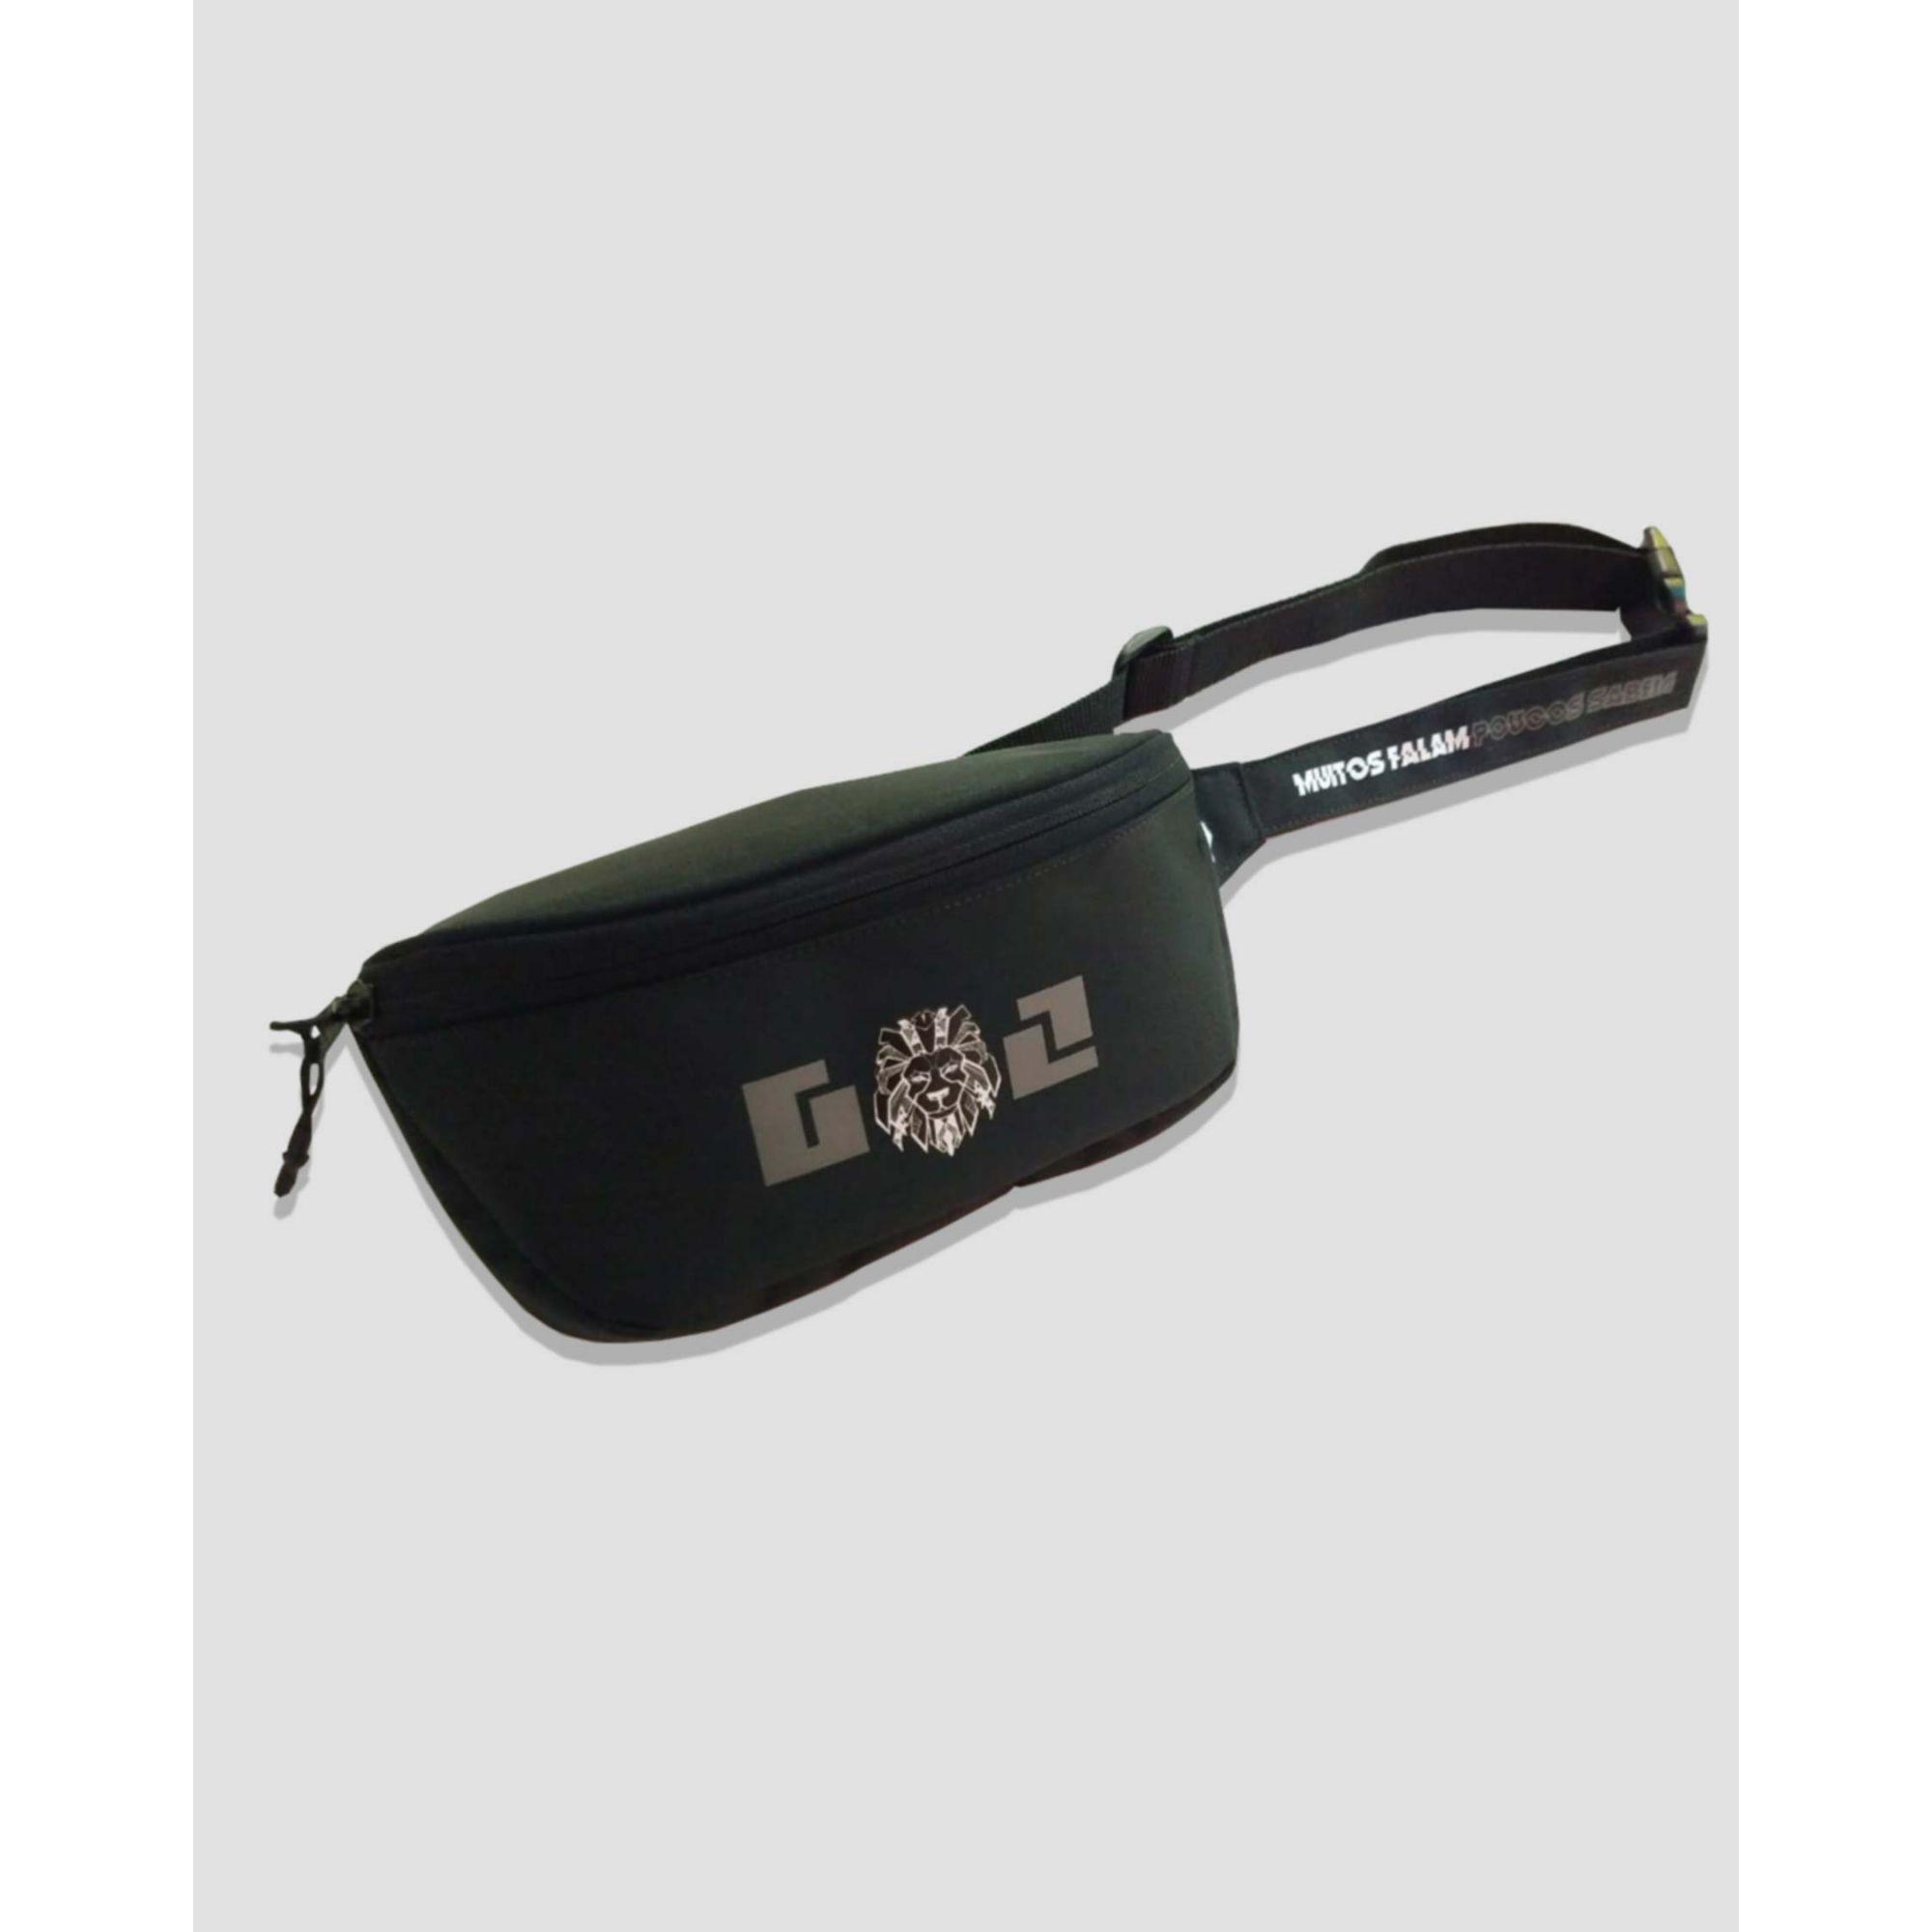 Shoulder Bag Gol By Buh Lion Black